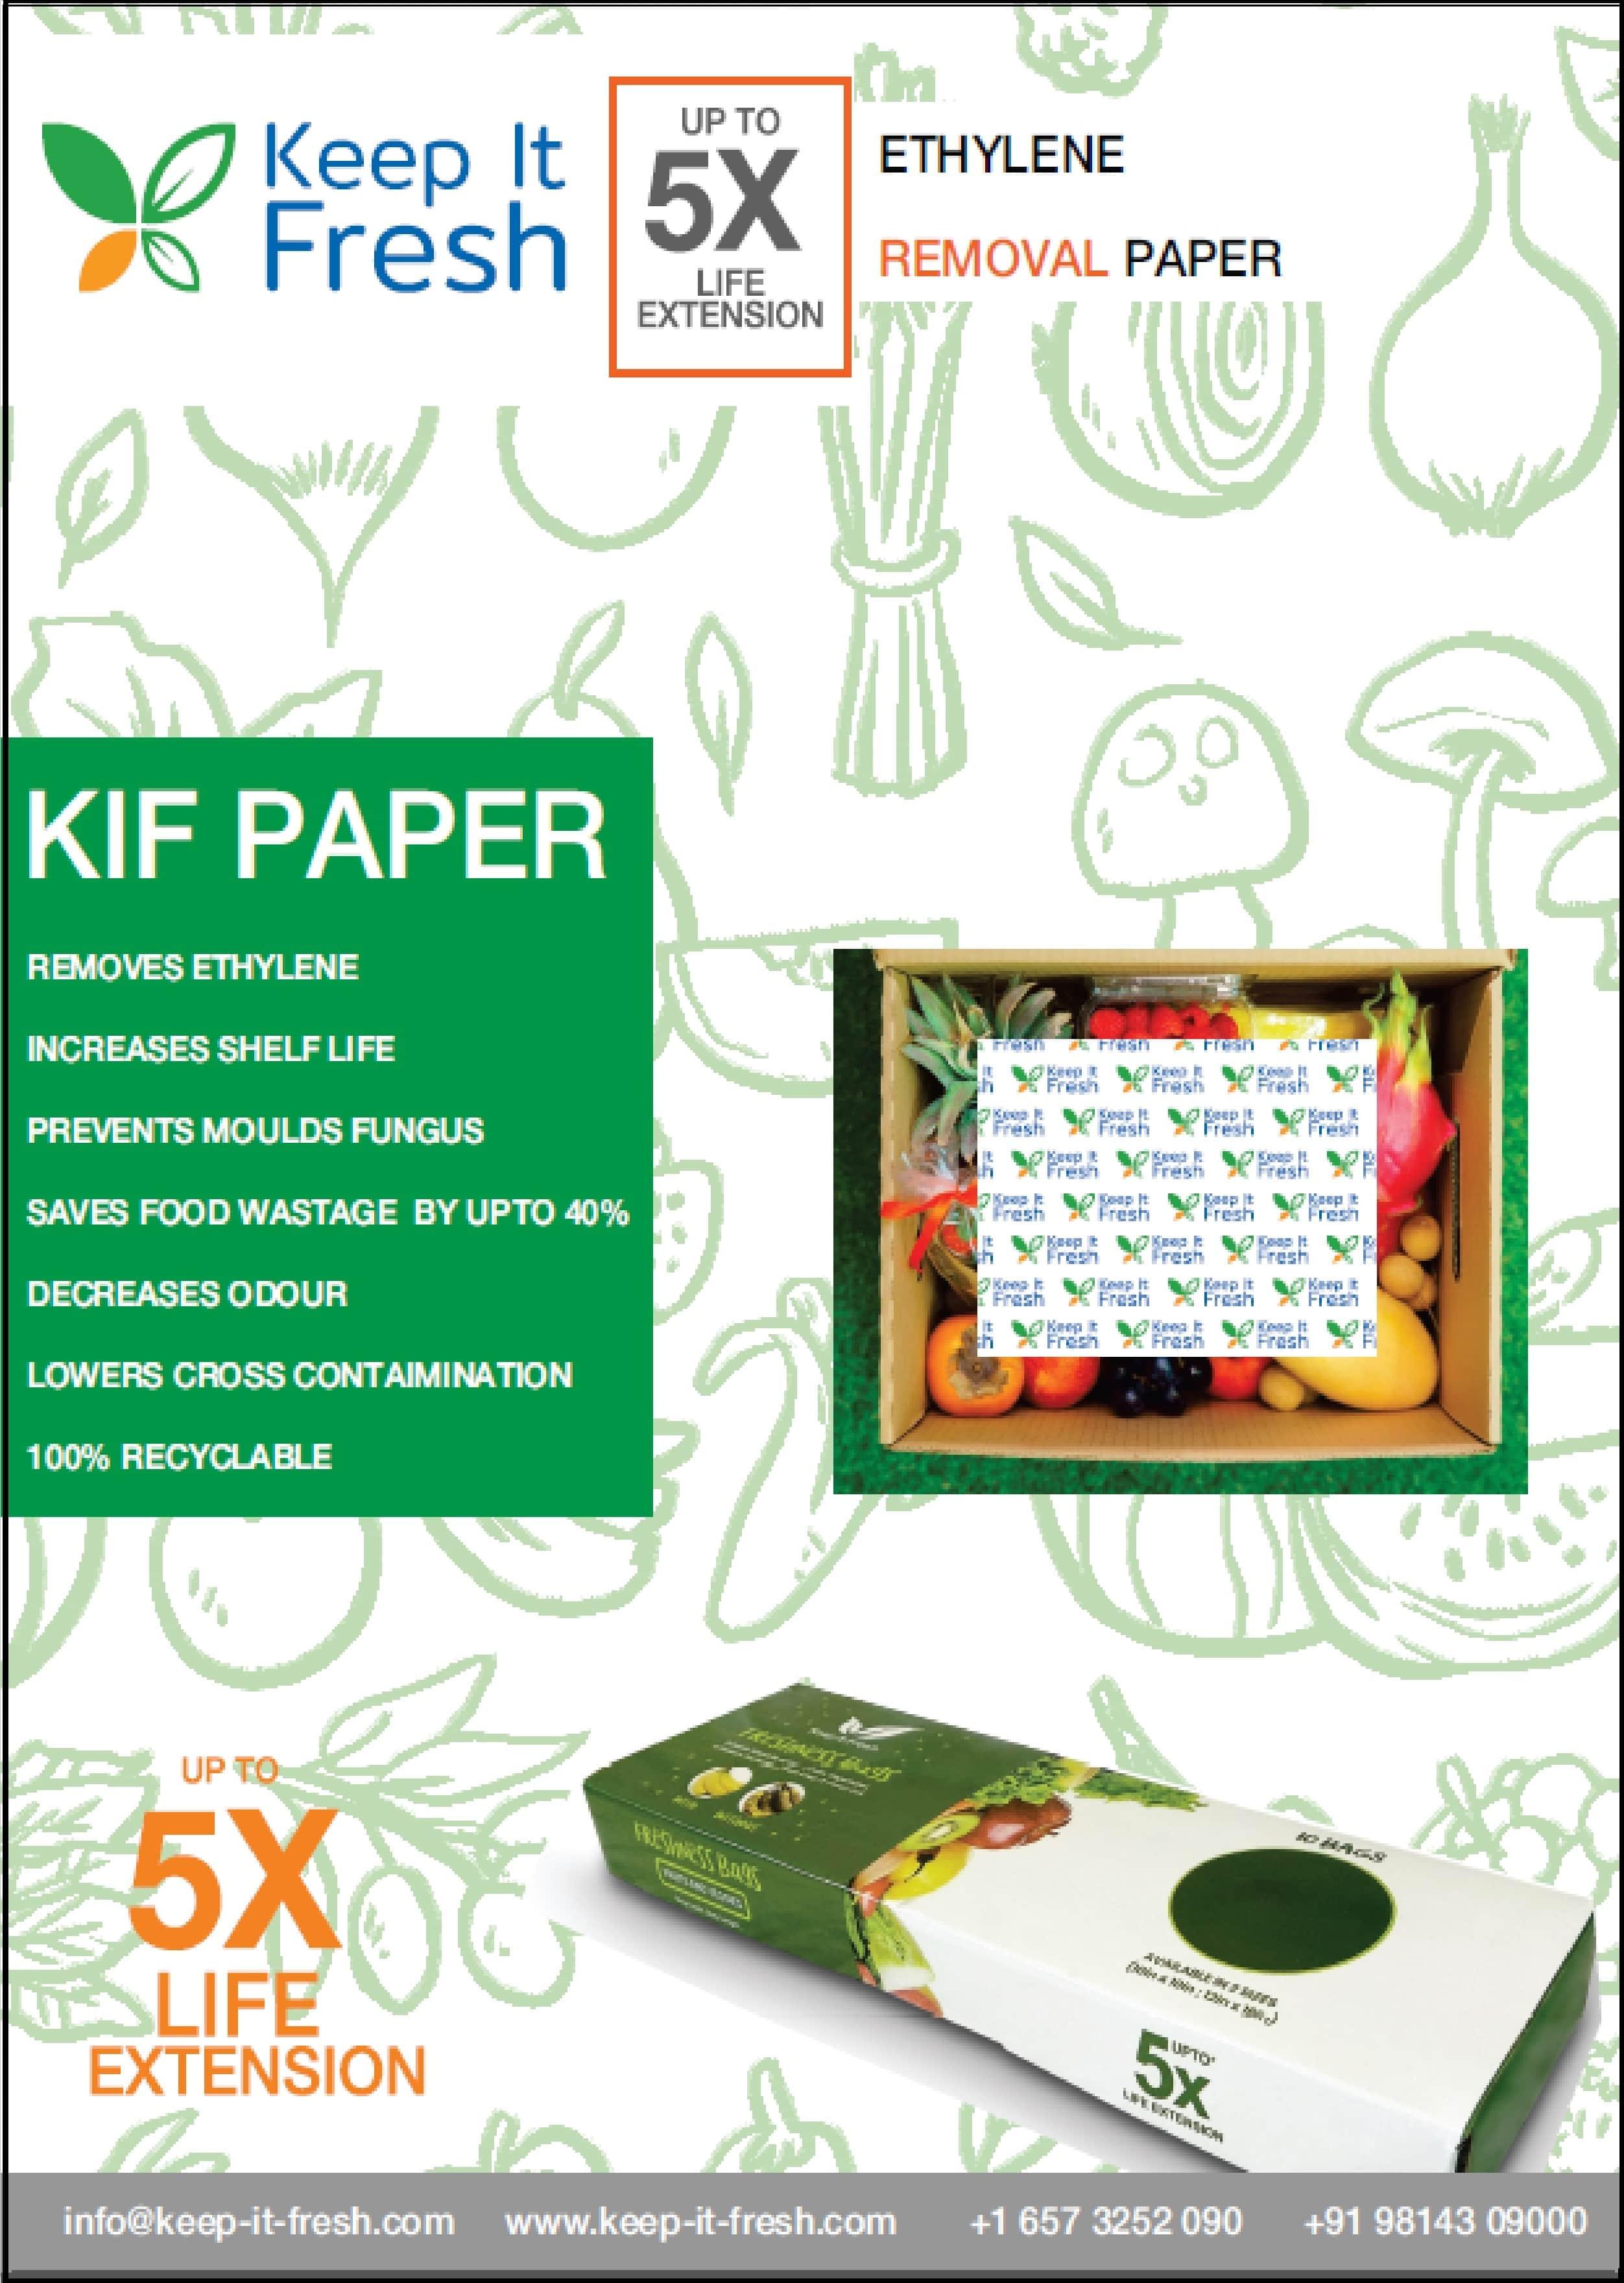 KIF PAPER